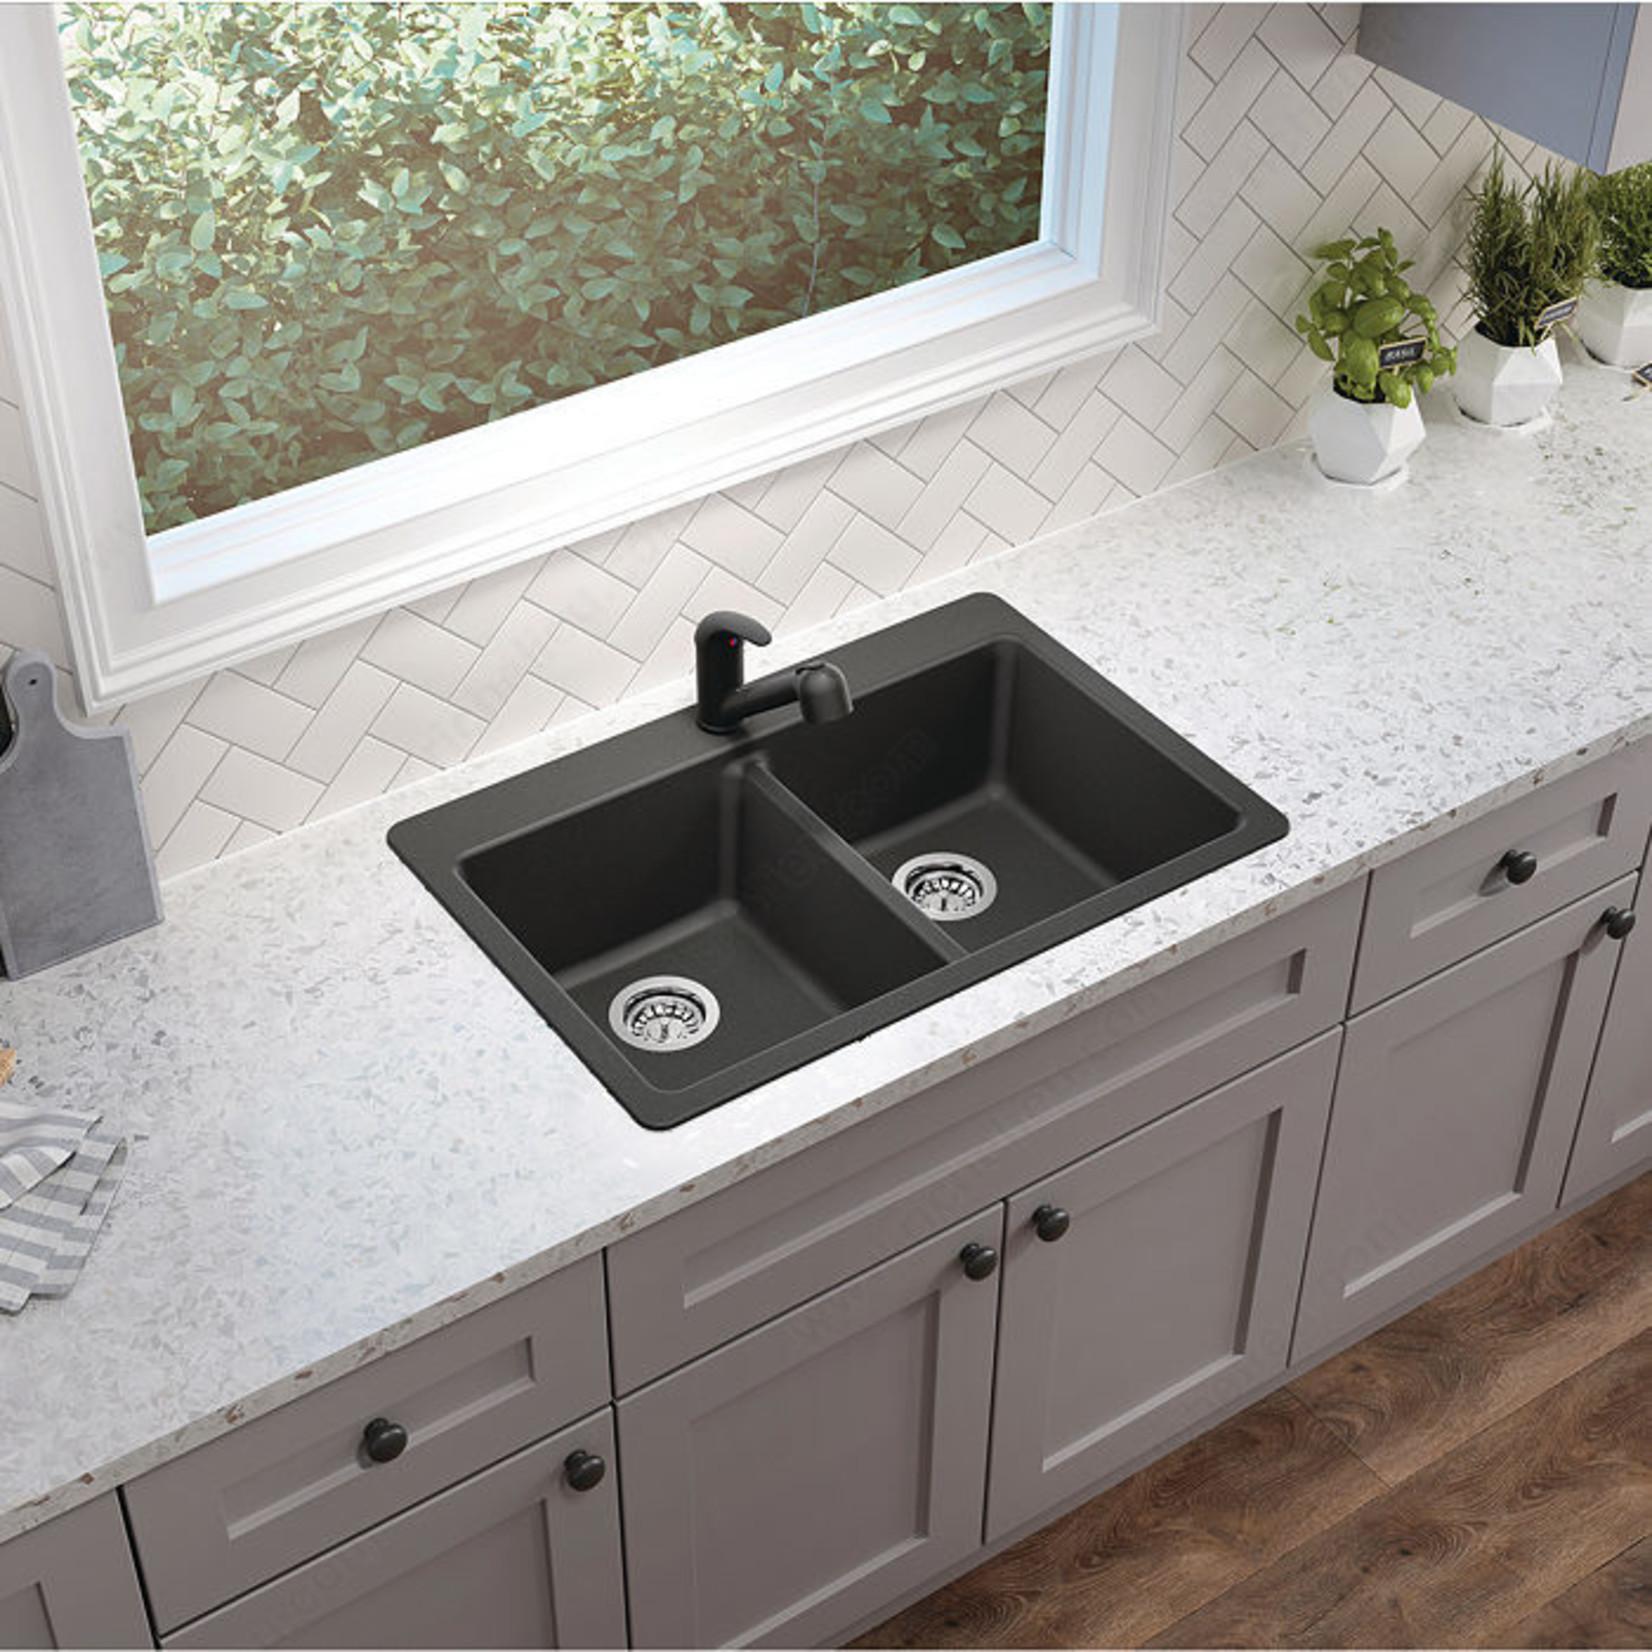 Evier double granite noir MB203GR  31''x20 1/2'' divisé